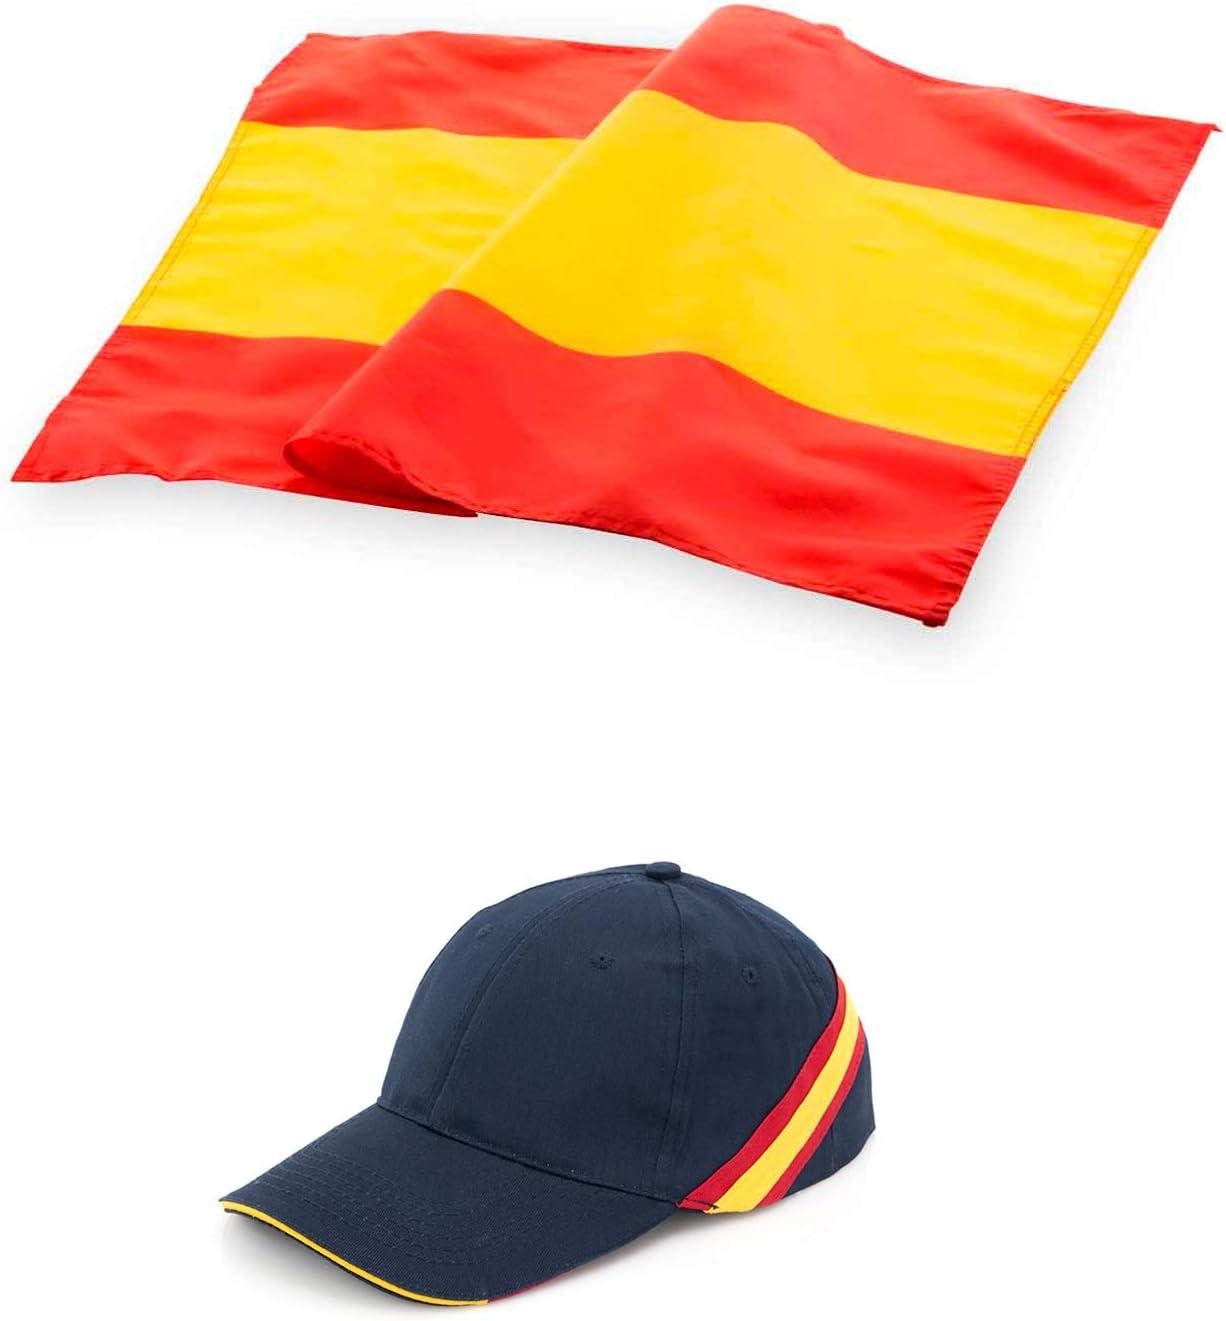 COSAS43 DETALLES PARA INVITADOS BODA-COMUNION-BAUTIZO Gorra de España + Bandera de España.: Amazon.es: Deportes y aire libre